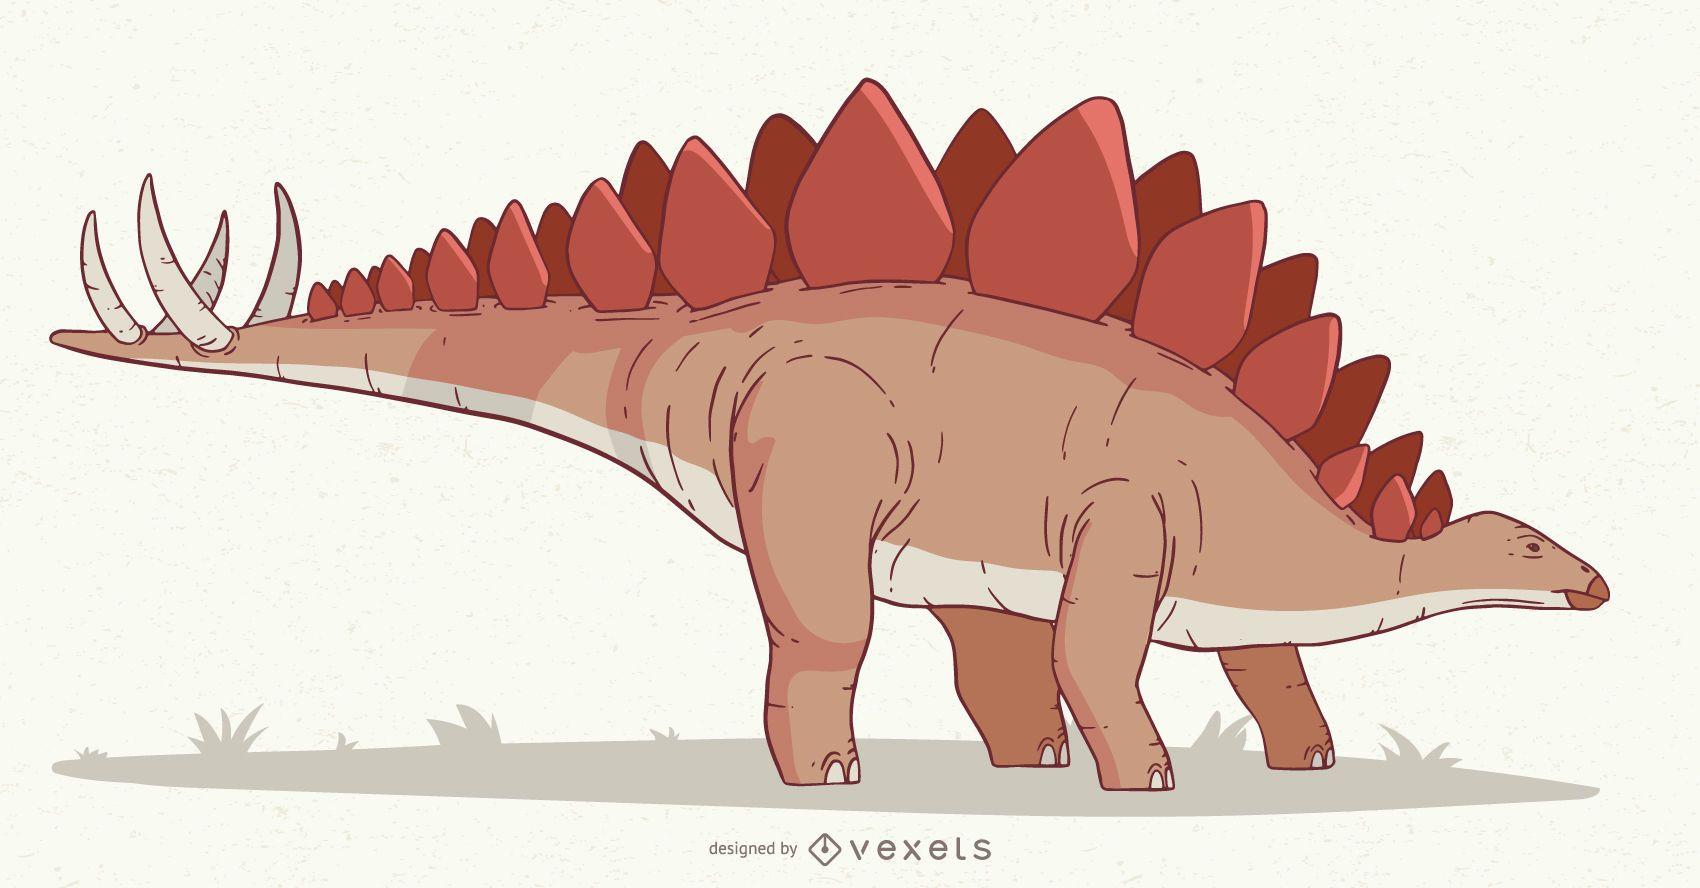 Stegosaurus Dinosaur Illustration